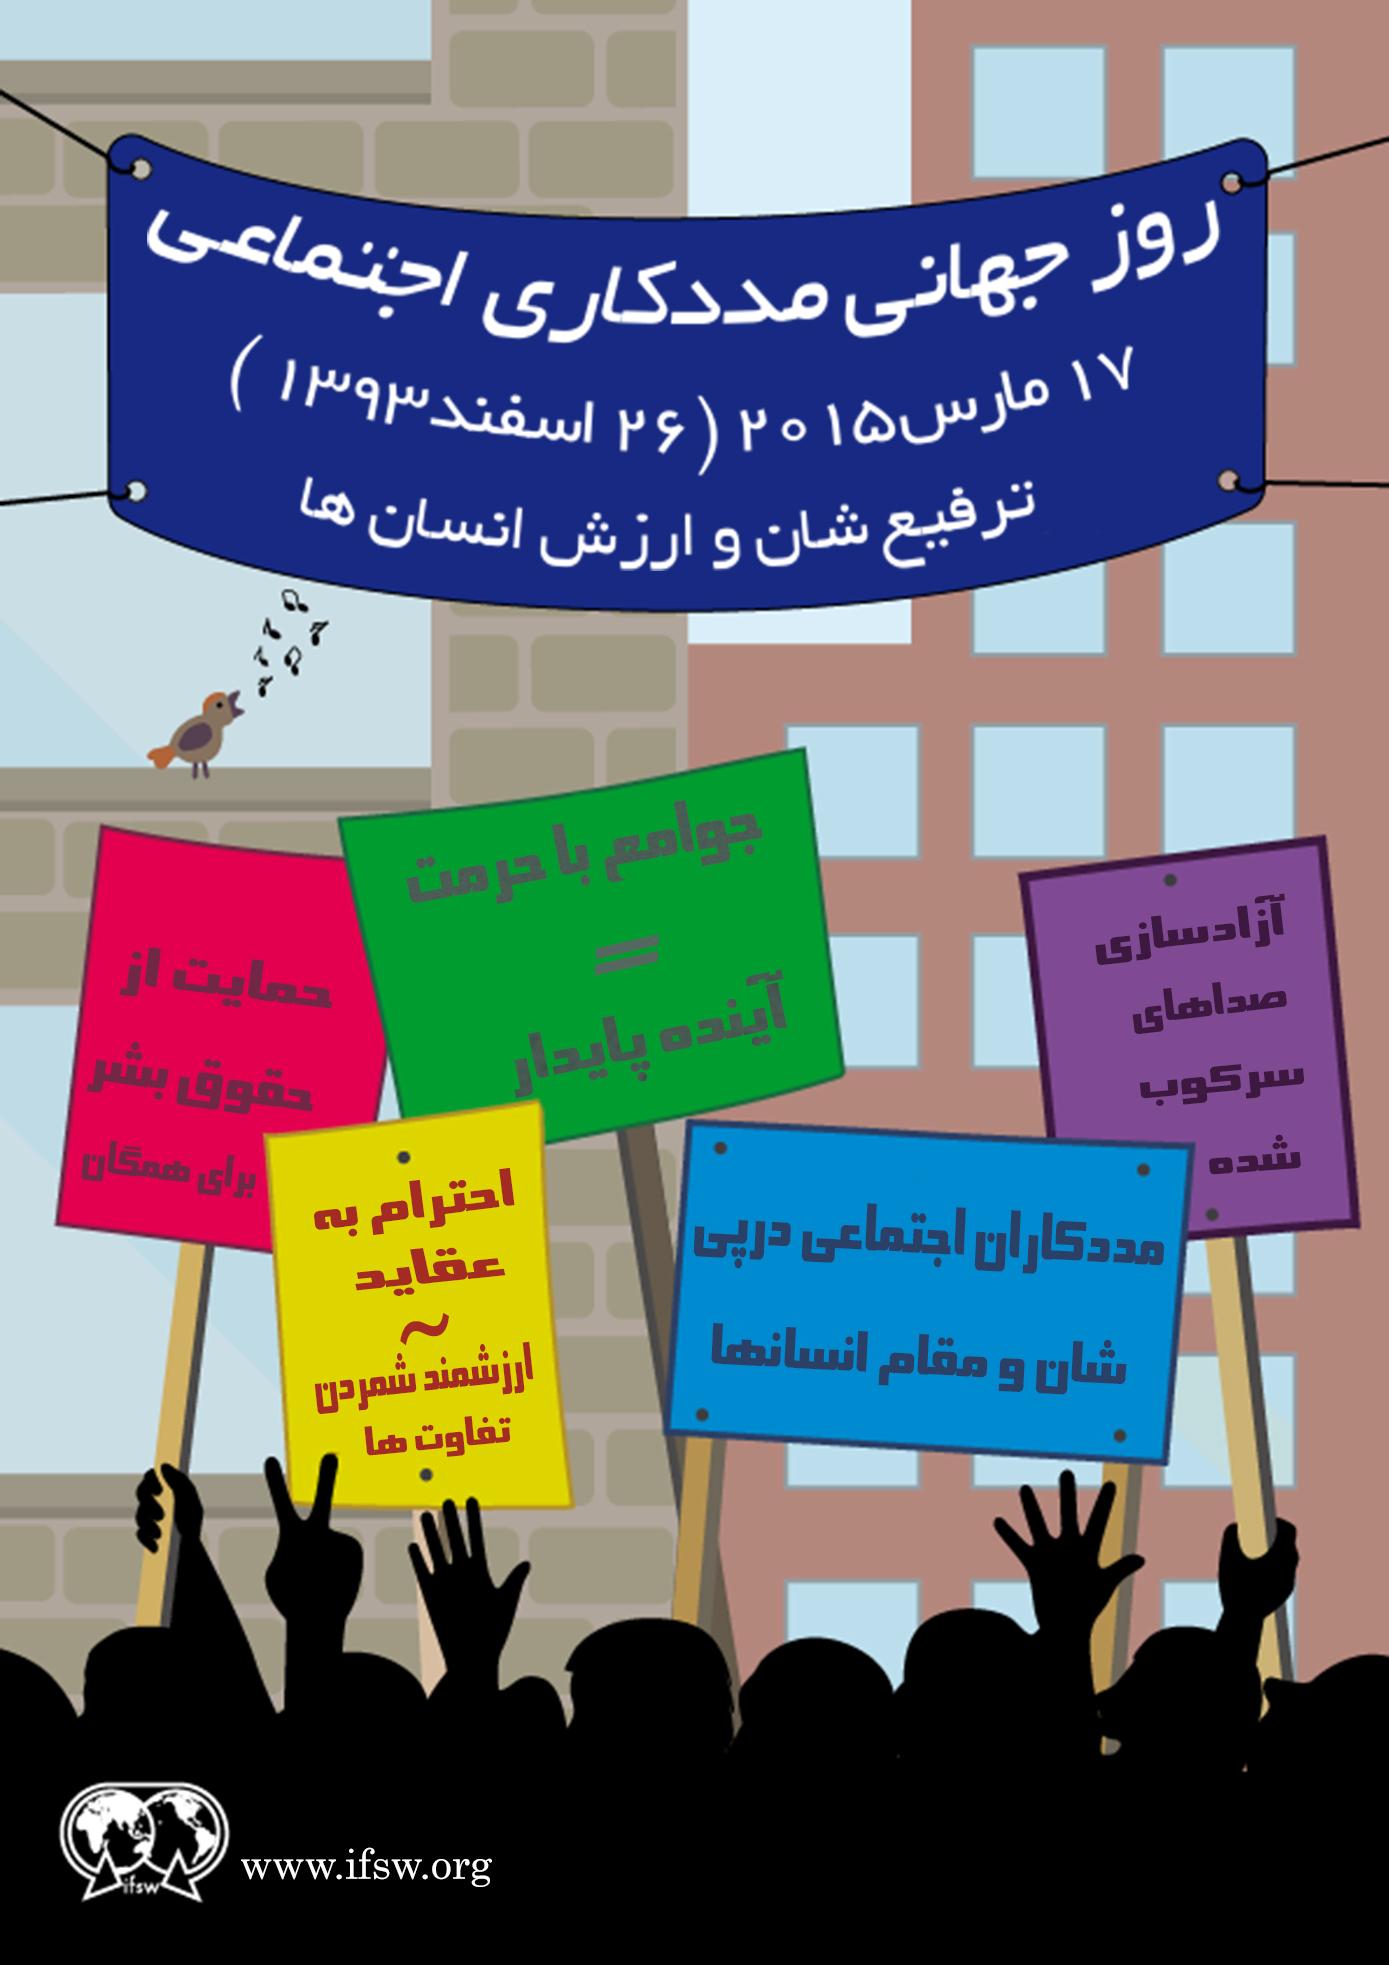 پوستر روز جهانی مددکاری اجتماعی